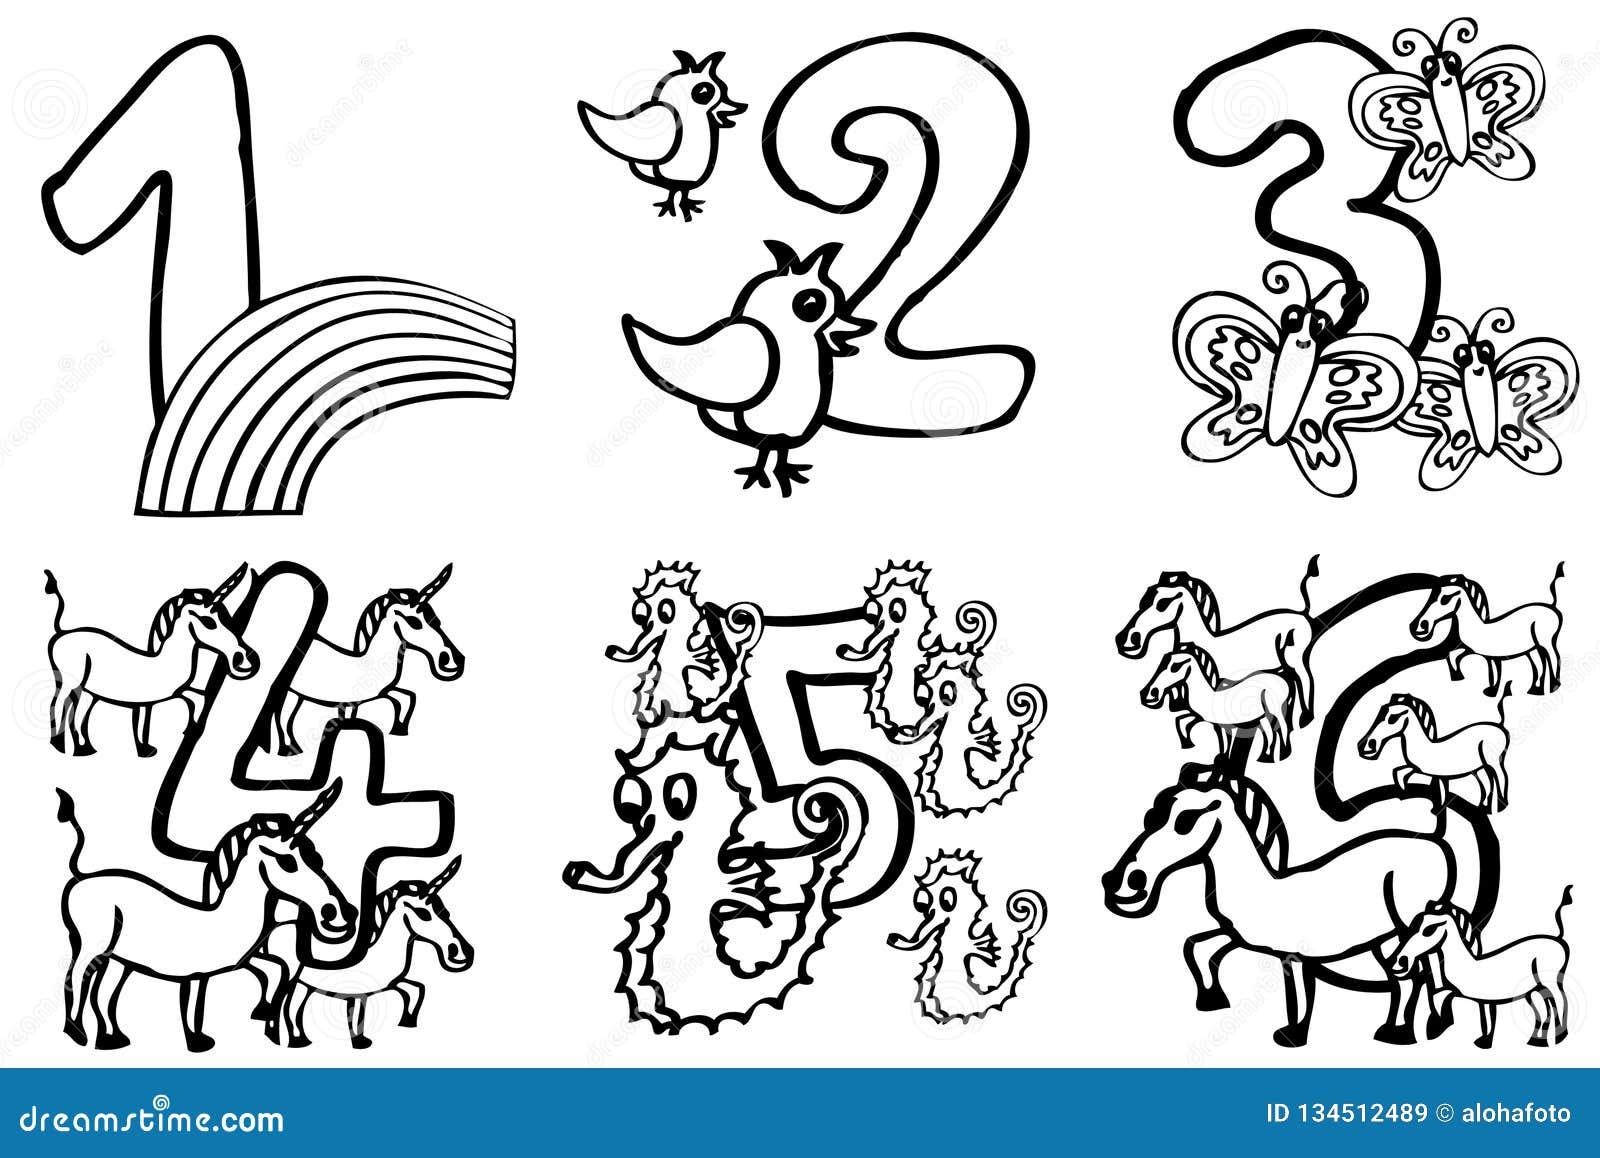 Libro De Colorear - Números Del Feliz Cumpleaños A Jugar Y Que Aprenden  Números Con Las Imágenes Sobre Aficiones A Partir De La 1 Ilustración del  Vector - Ilustración de números, feliz: 134512489